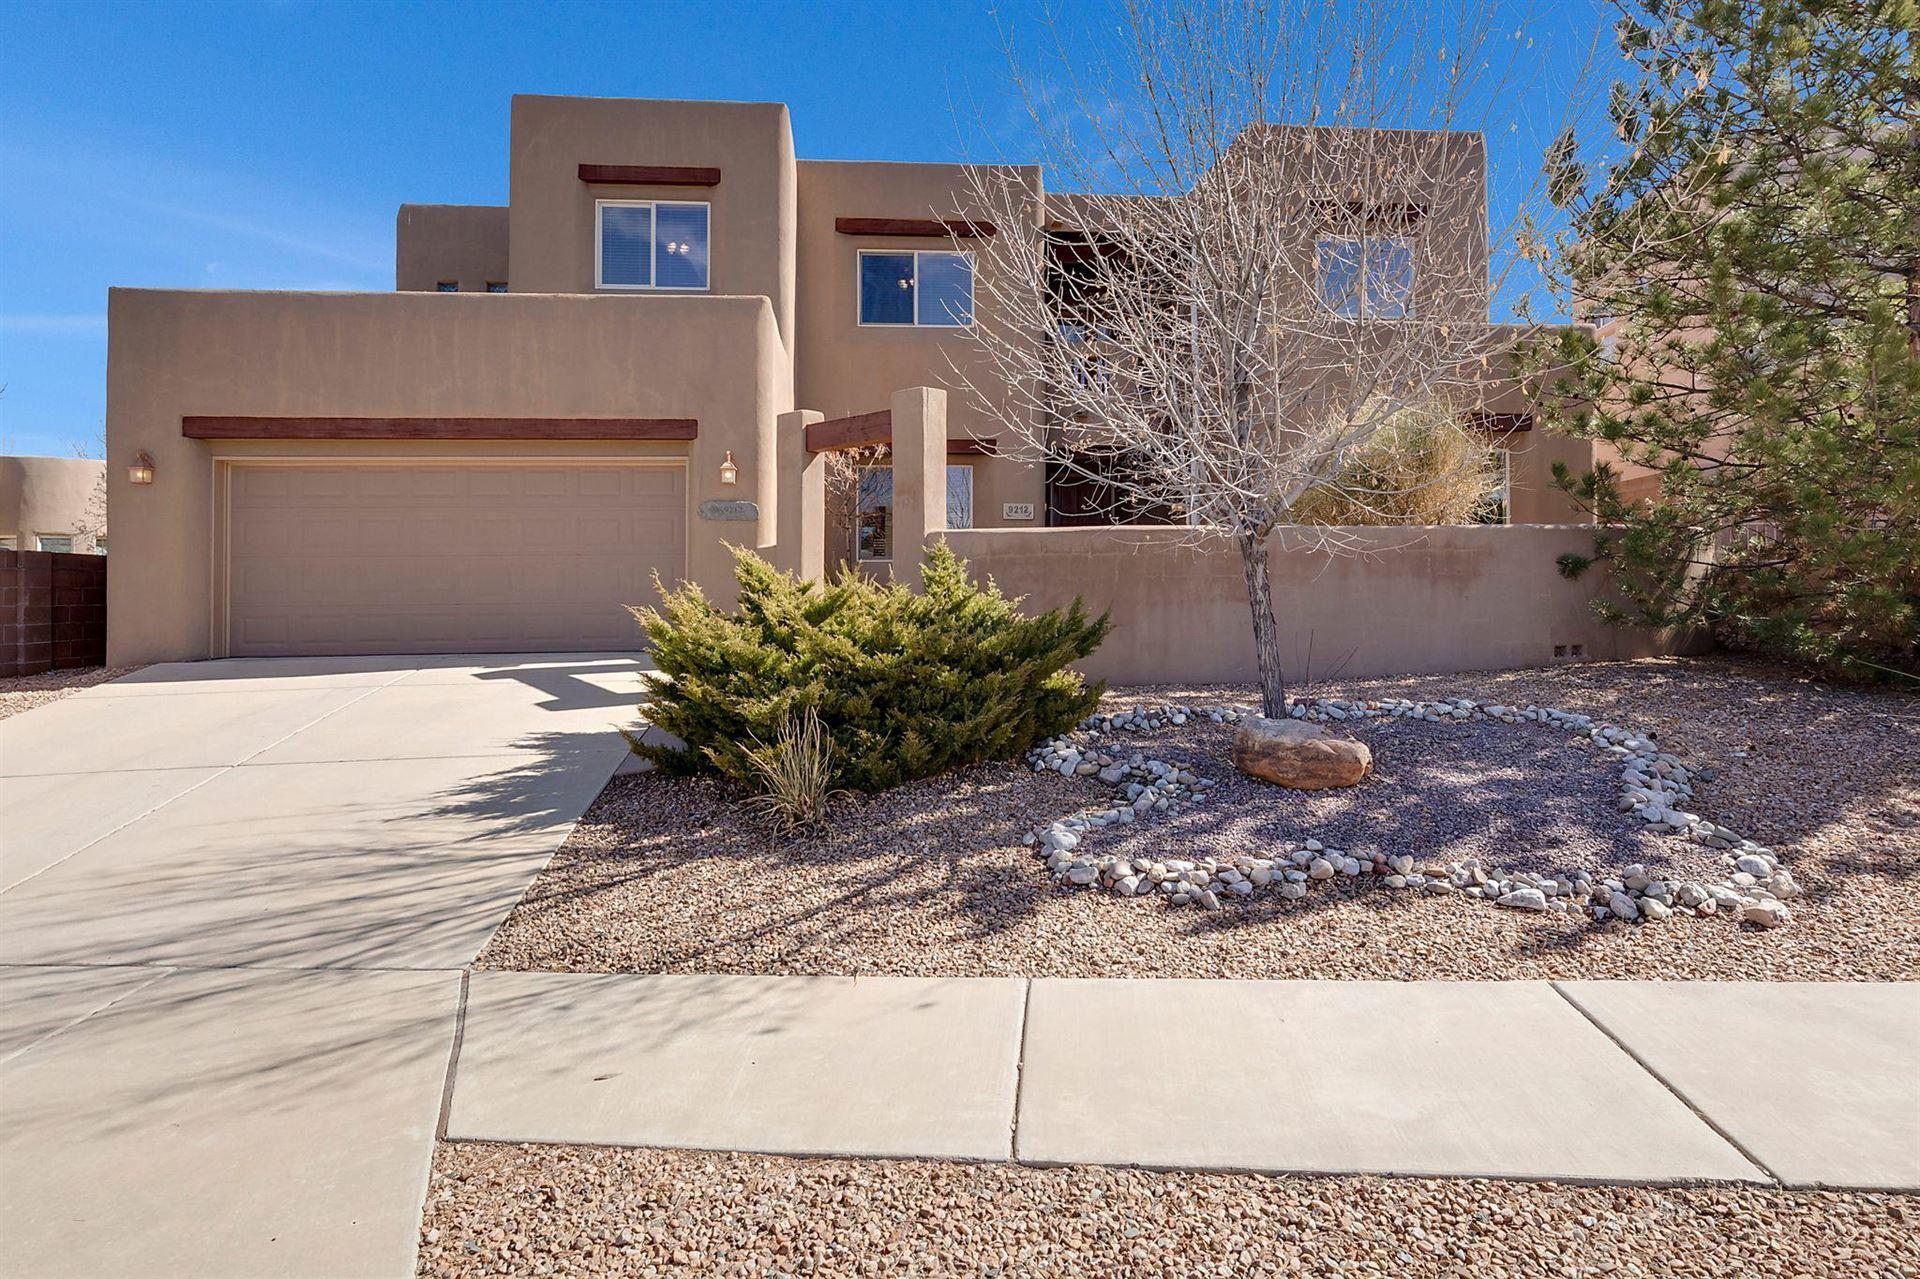 9212 AUTUMN ROSE Drive NE, Albuquerque, NM 87113 - MLS#: 986465